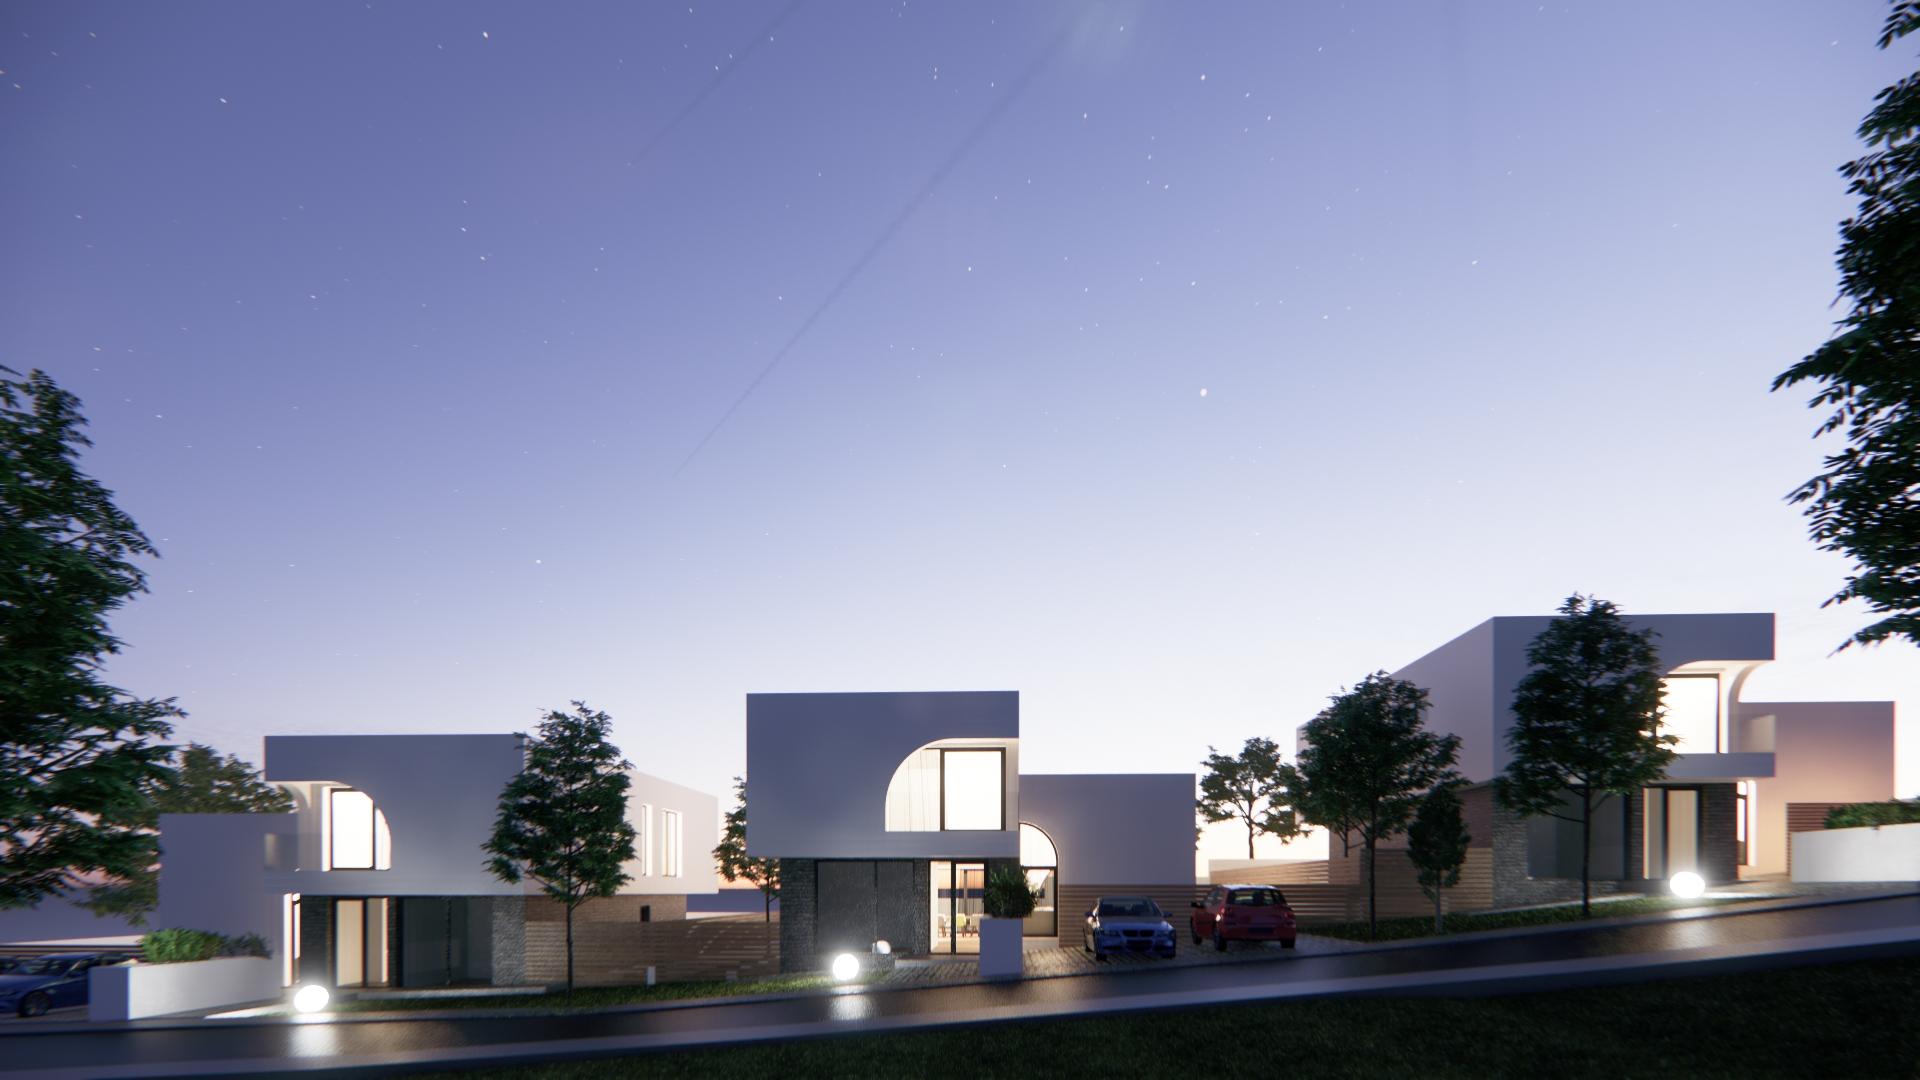 https://nbc-arhitect.ro/wp-content/uploads/2020/10/NBC-Arhitect-_-Laguna-_-Housing-_-exterior-view_7.jpg